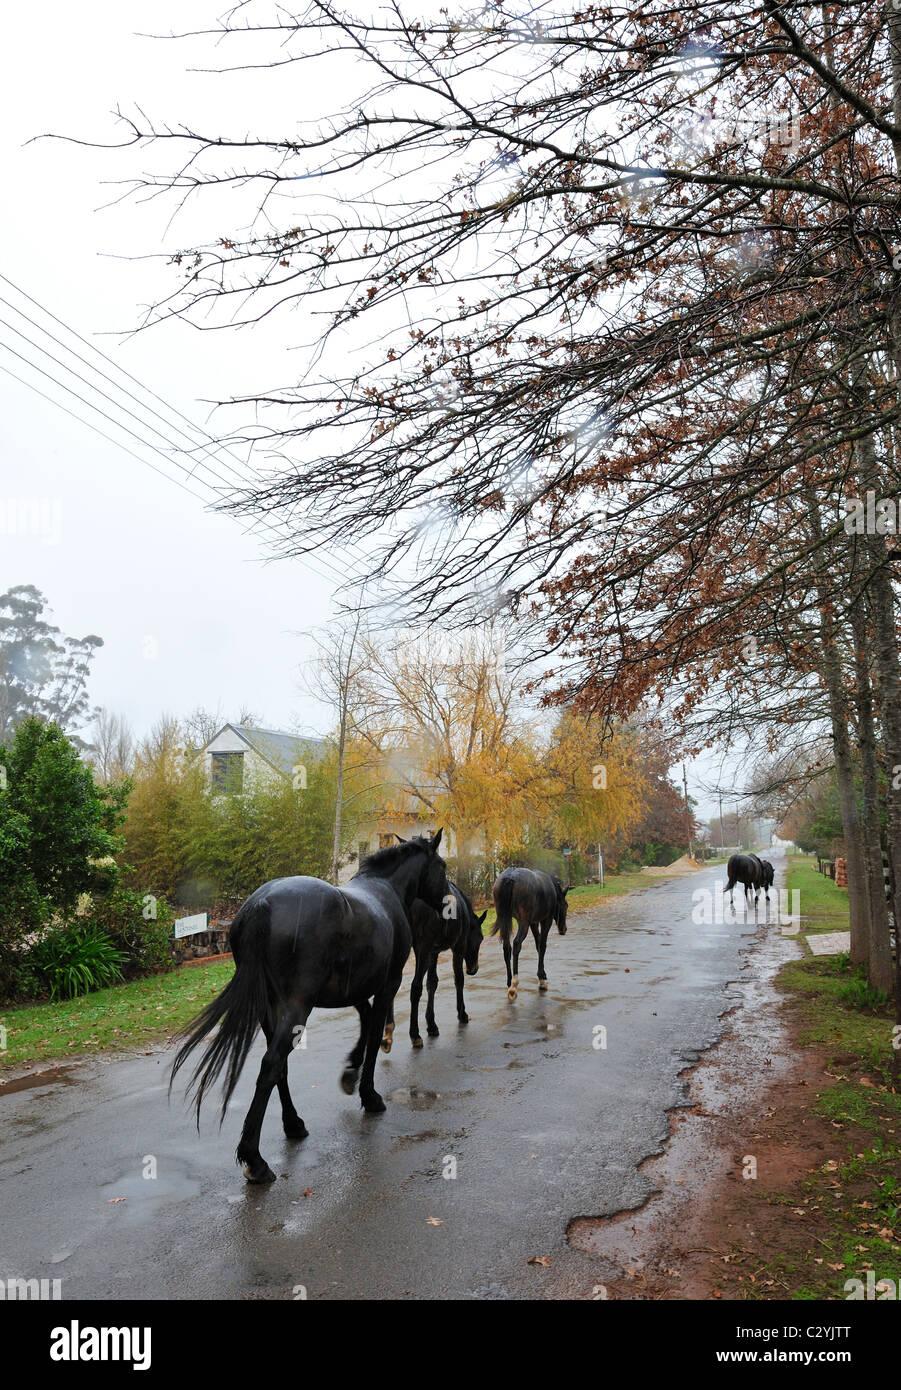 Los caballos caminando por la calle de roble en la lluvia, el Grayton, Overberg, distrito de la provincia de Western Cape, Sudáfrica Foto de stock